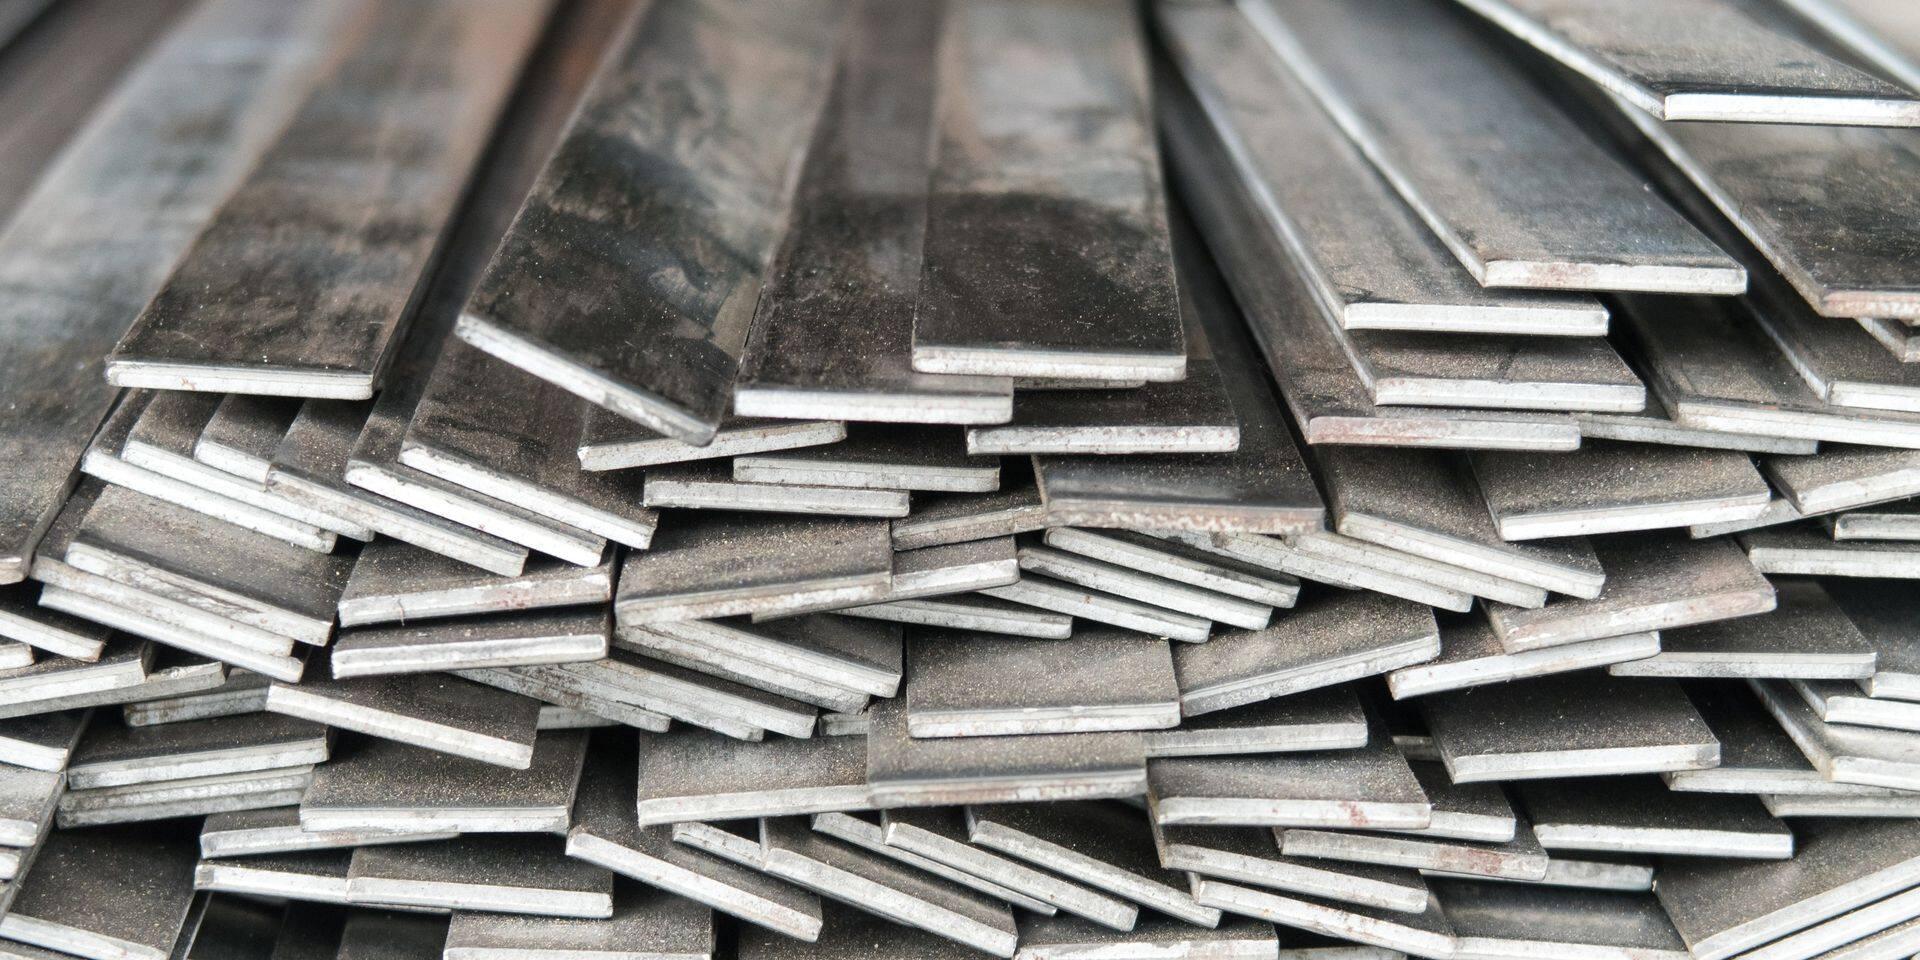 L'industrie anversoise, Nyrstar Balen investit 6 millions d'euros dans de nouveaux électrofiltres